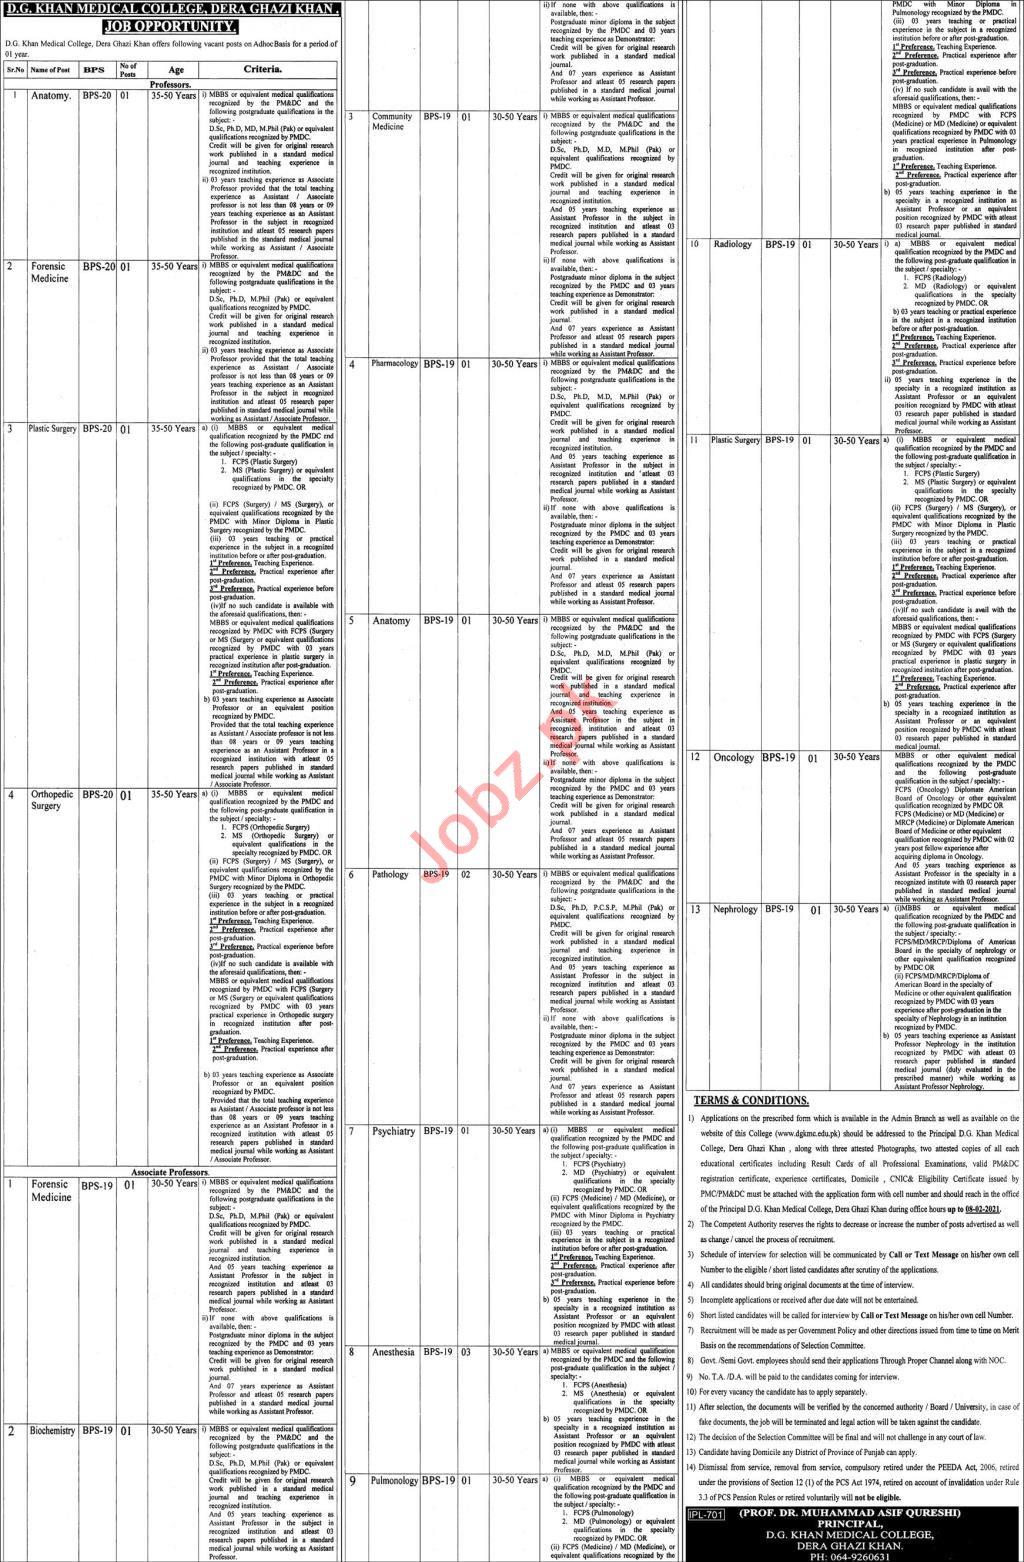 DG Khan Medical College Dera Ghazi Khan Jobs 2021